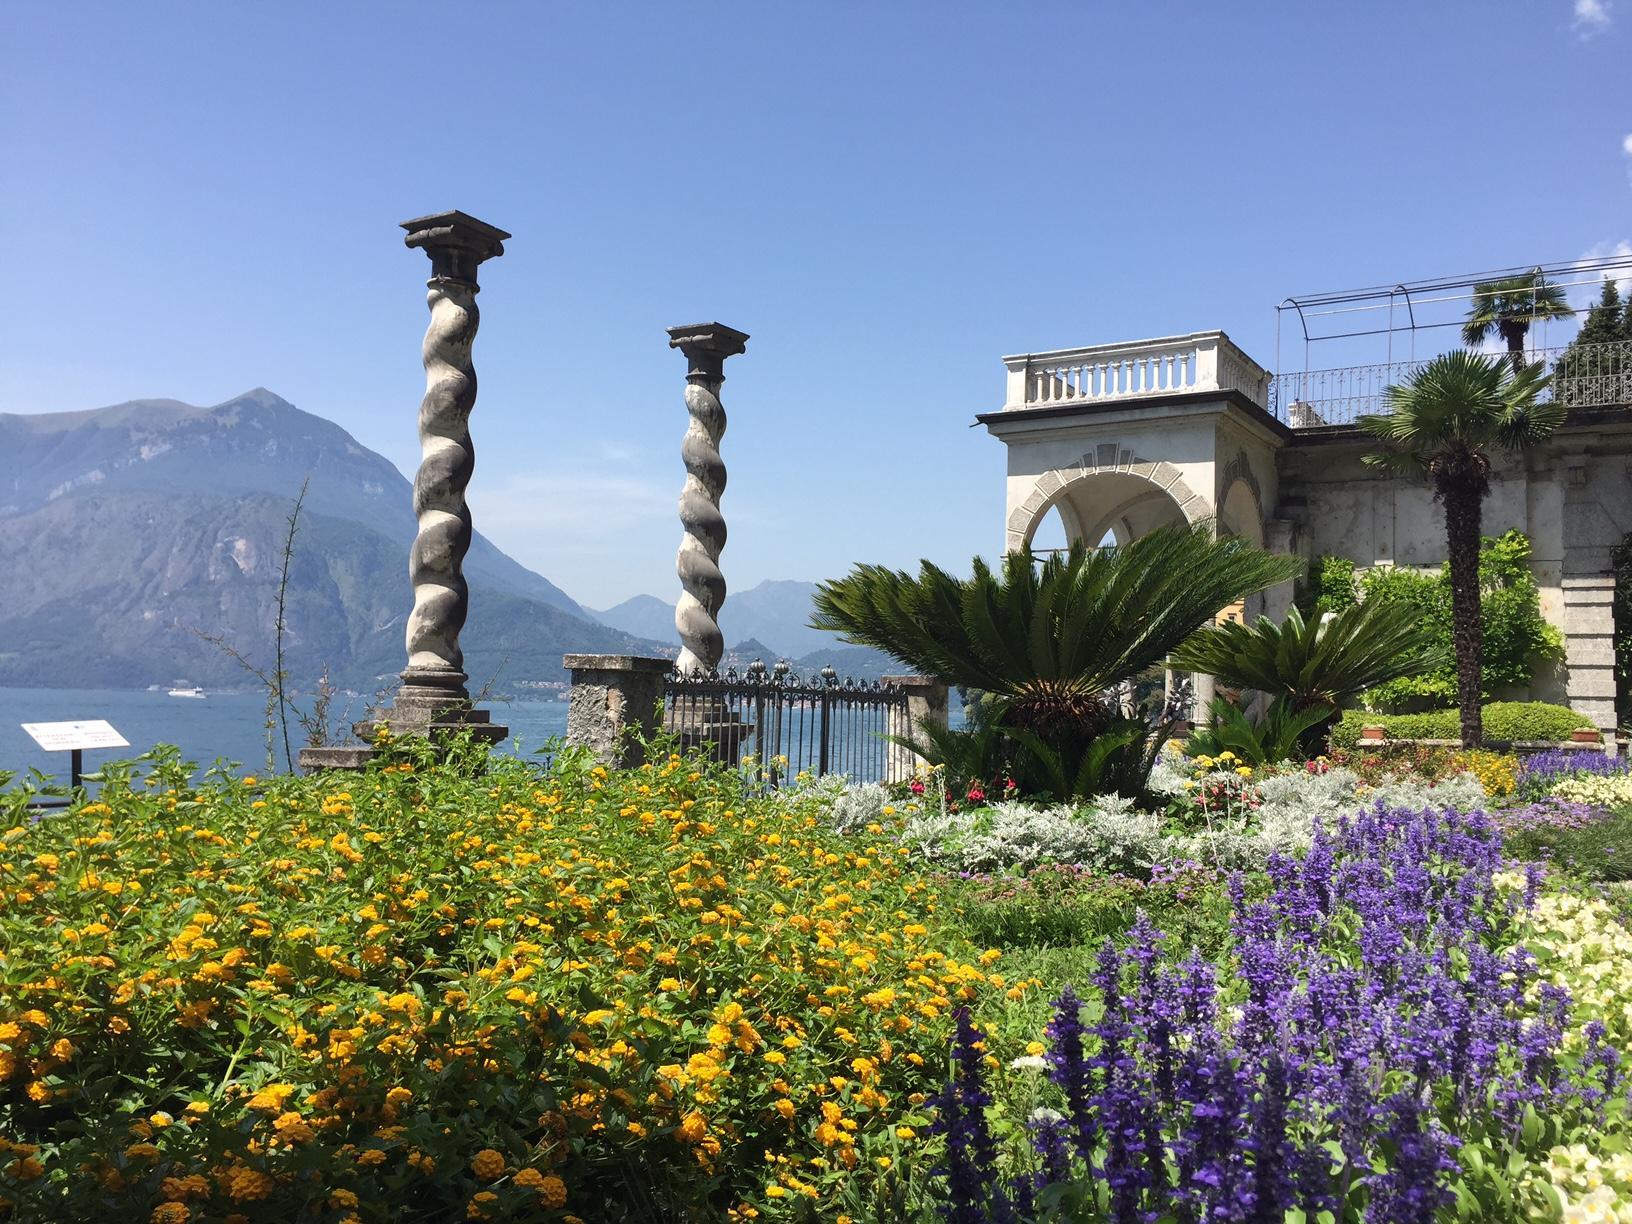 Villa Monastero Ville del Lago di Como